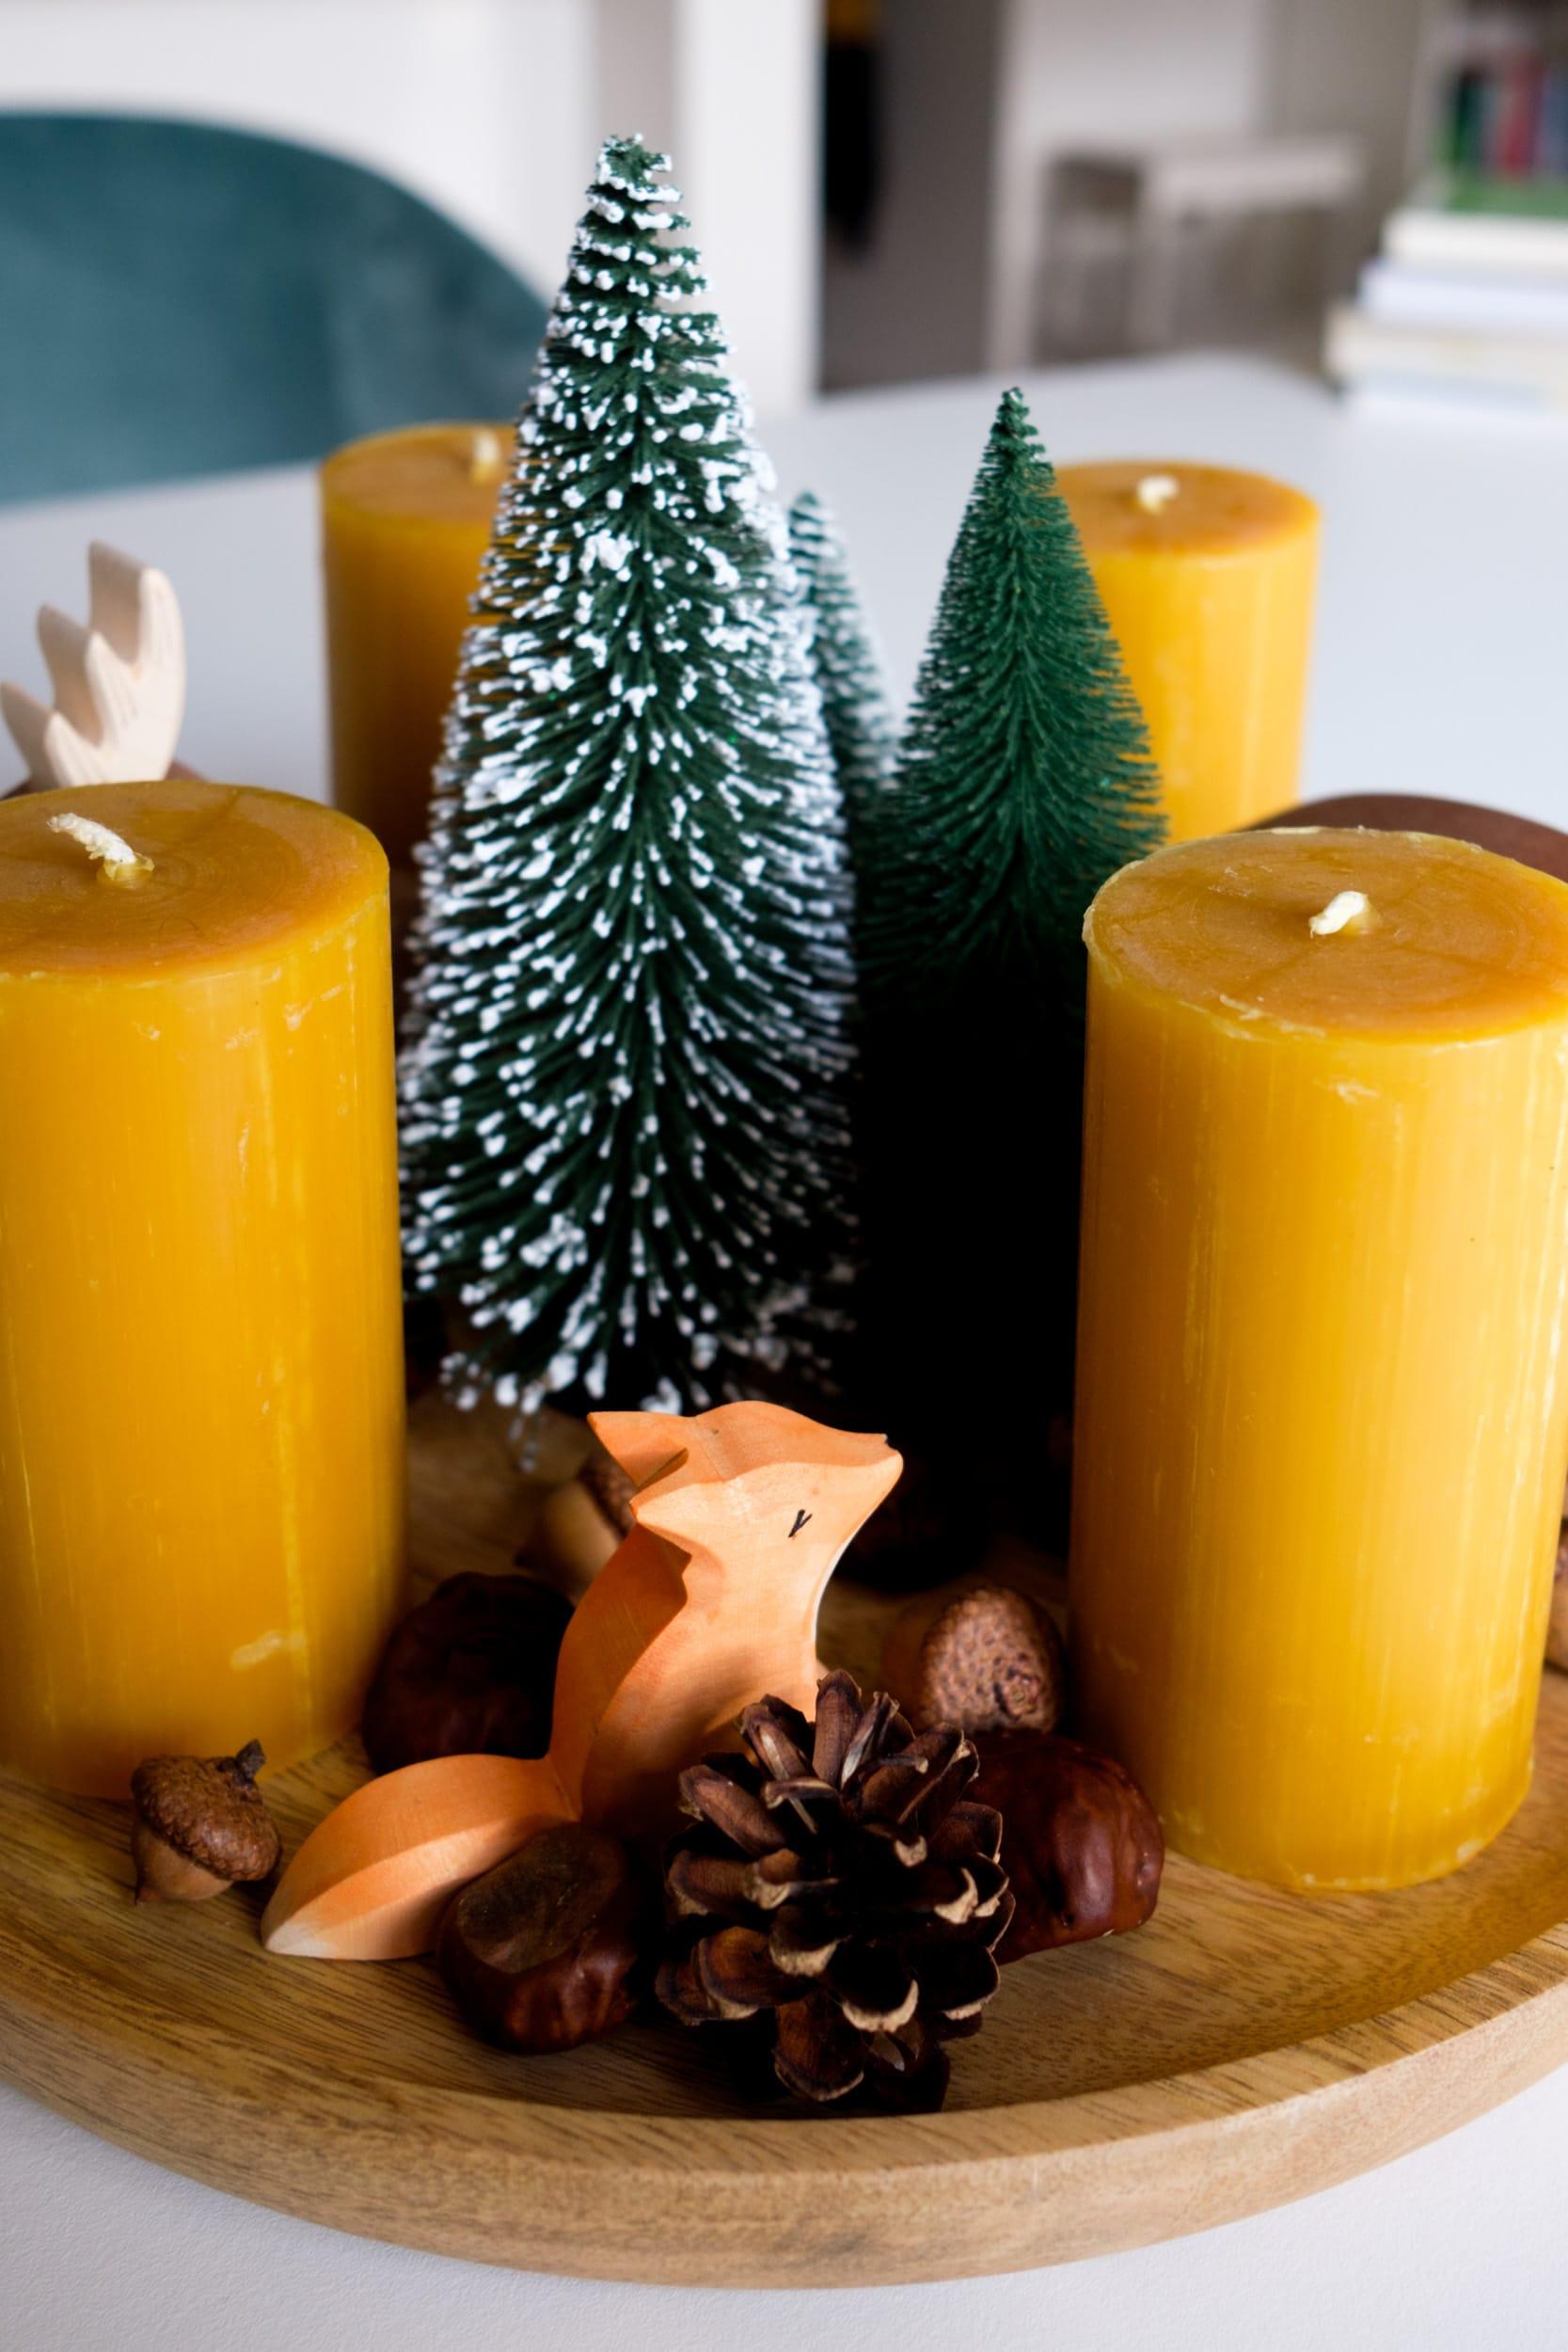 DIY | Adventskranz mit Ostheimer Waldtieren & Bienenwachskerzen | Der Notfall-Adventskranz für alle Vergesslichen und Erkältungsopfer | ivy.li